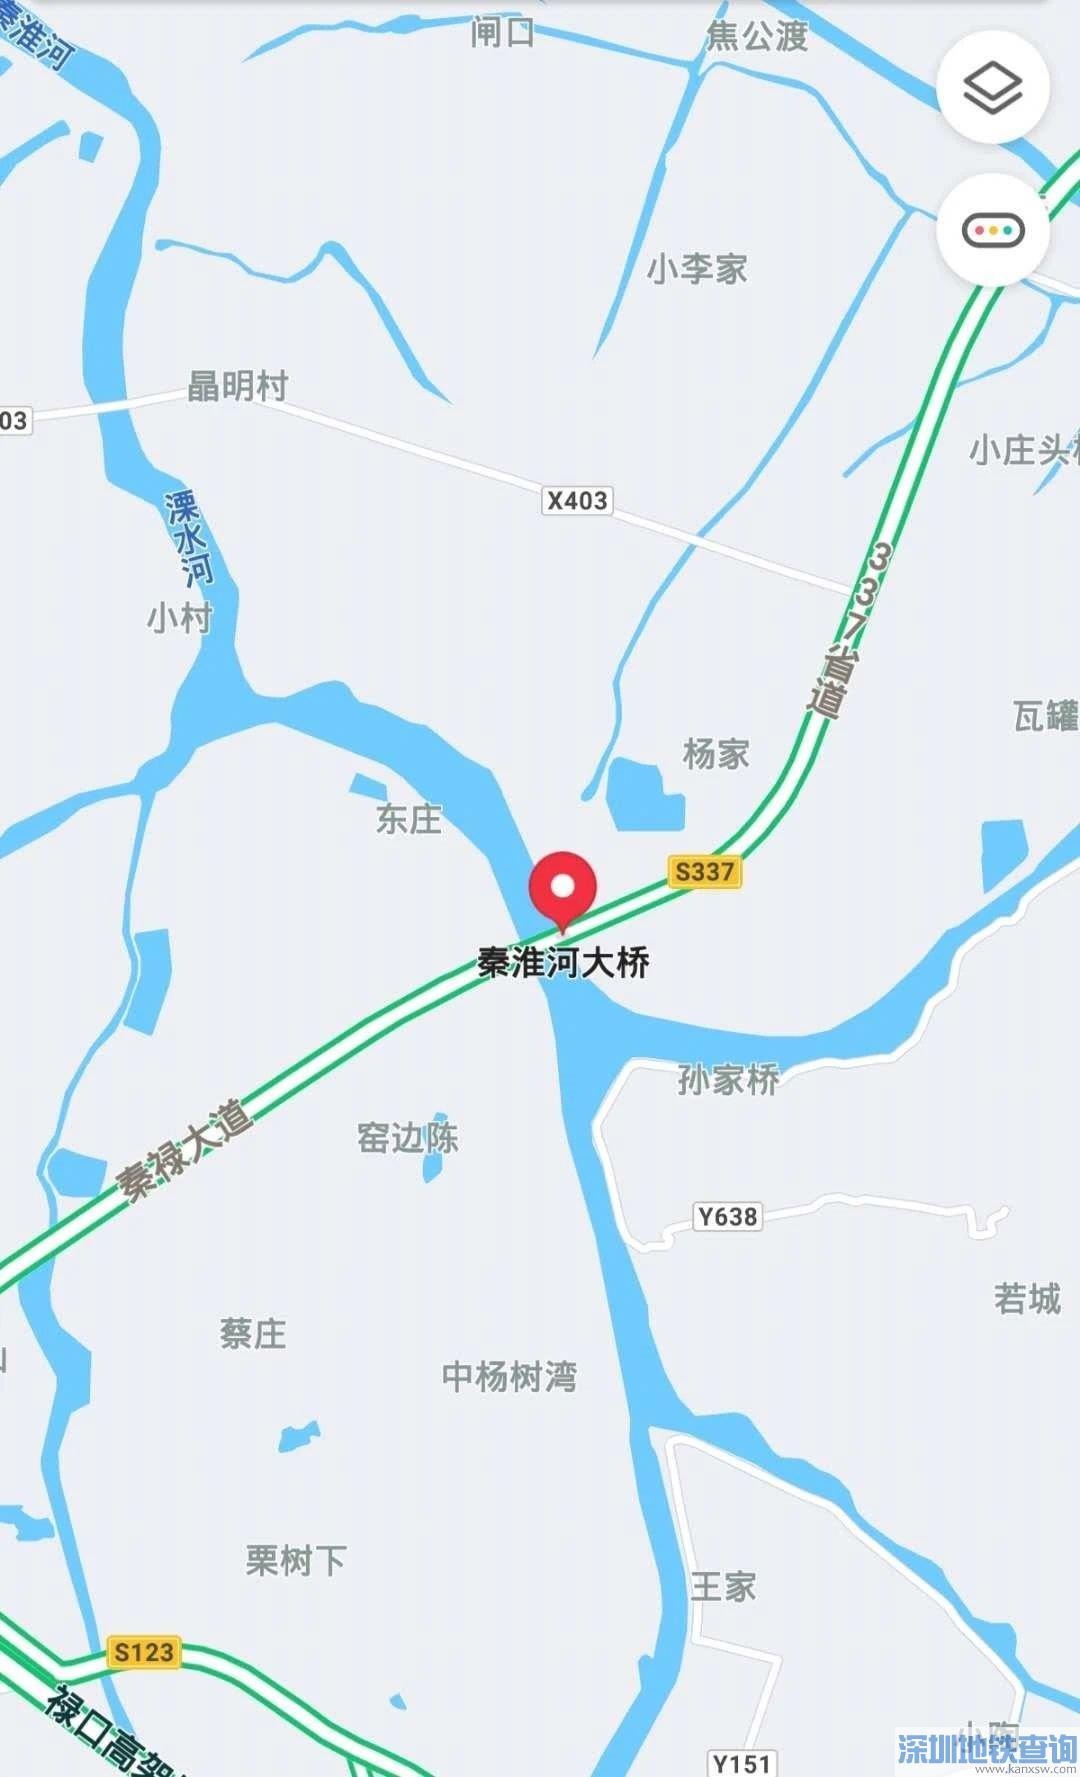 南京002省道秦淮河大桥预计2020年10月正式建成通车